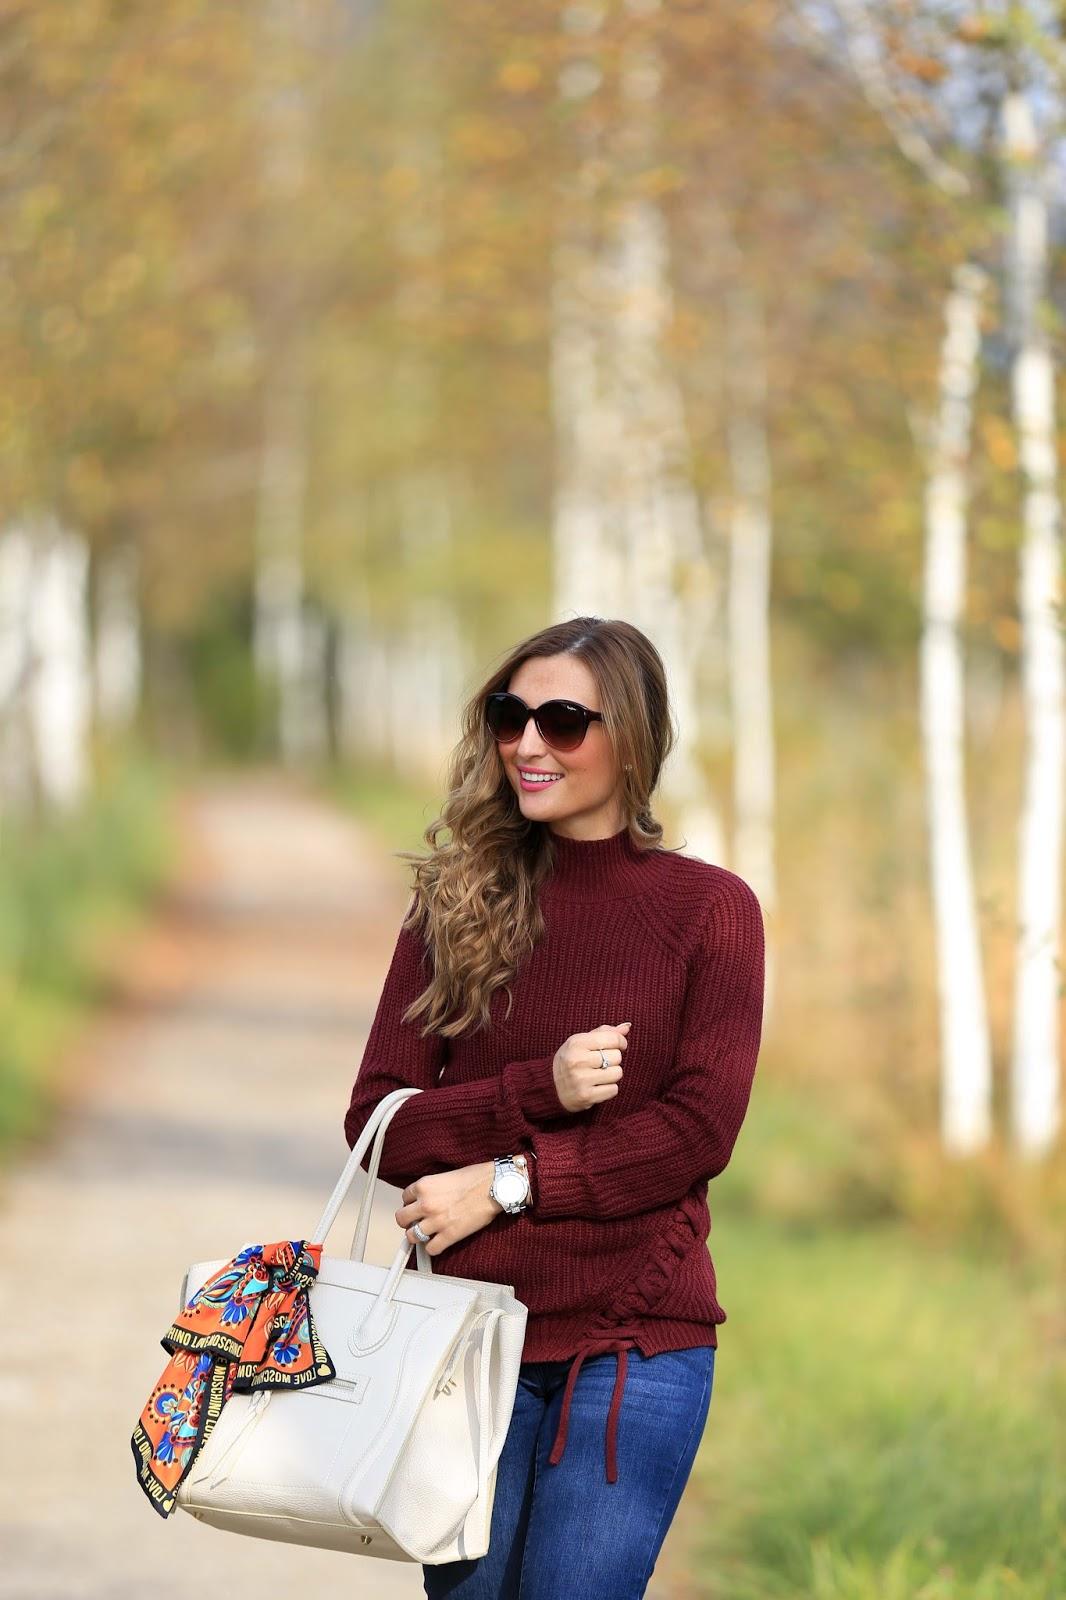 Herbstlook - Blogger Herbstlook - Musthaves im Herbst - Bordeaux - Beige- Pulloiver in Bordeaux - Bordeaux Bloggerpulli - Was ziehe ich im Herbst an- Fashionstylebyjohanna- Fashionblogger aus Deutschland - Blogger aus Frankfur